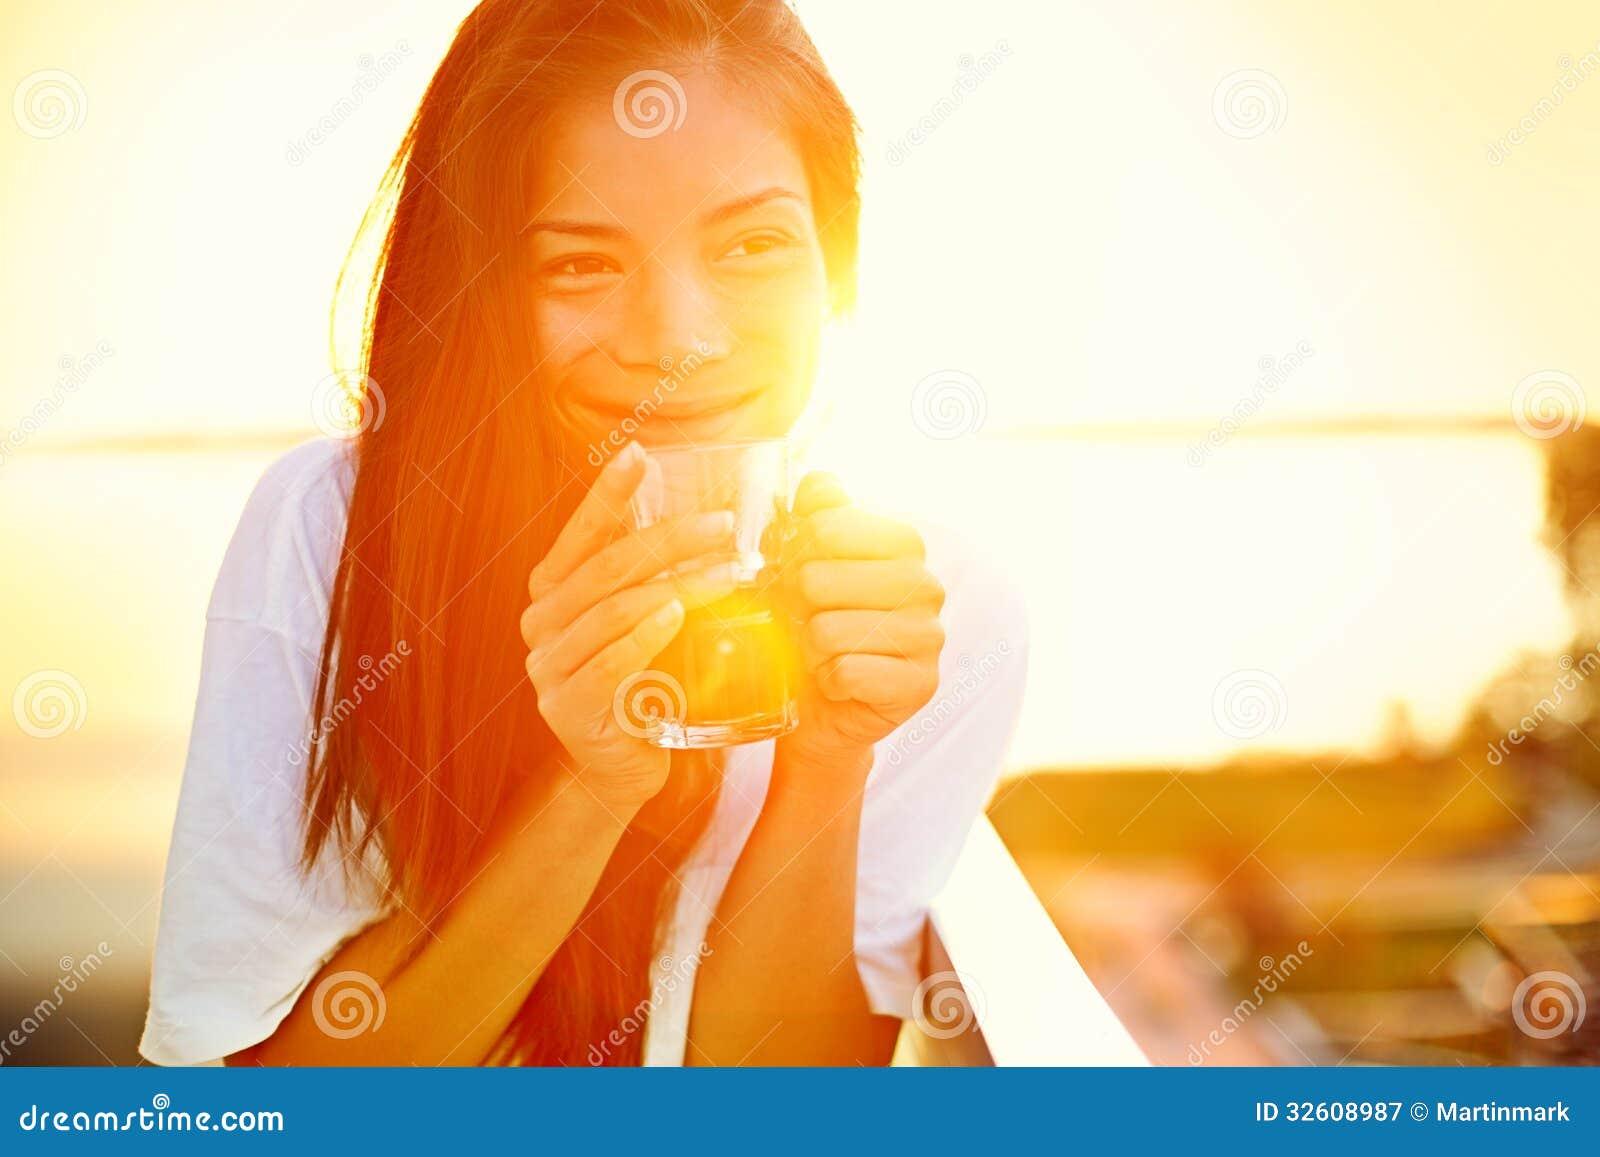 Aziatische vrouw het drinken koffie in zon